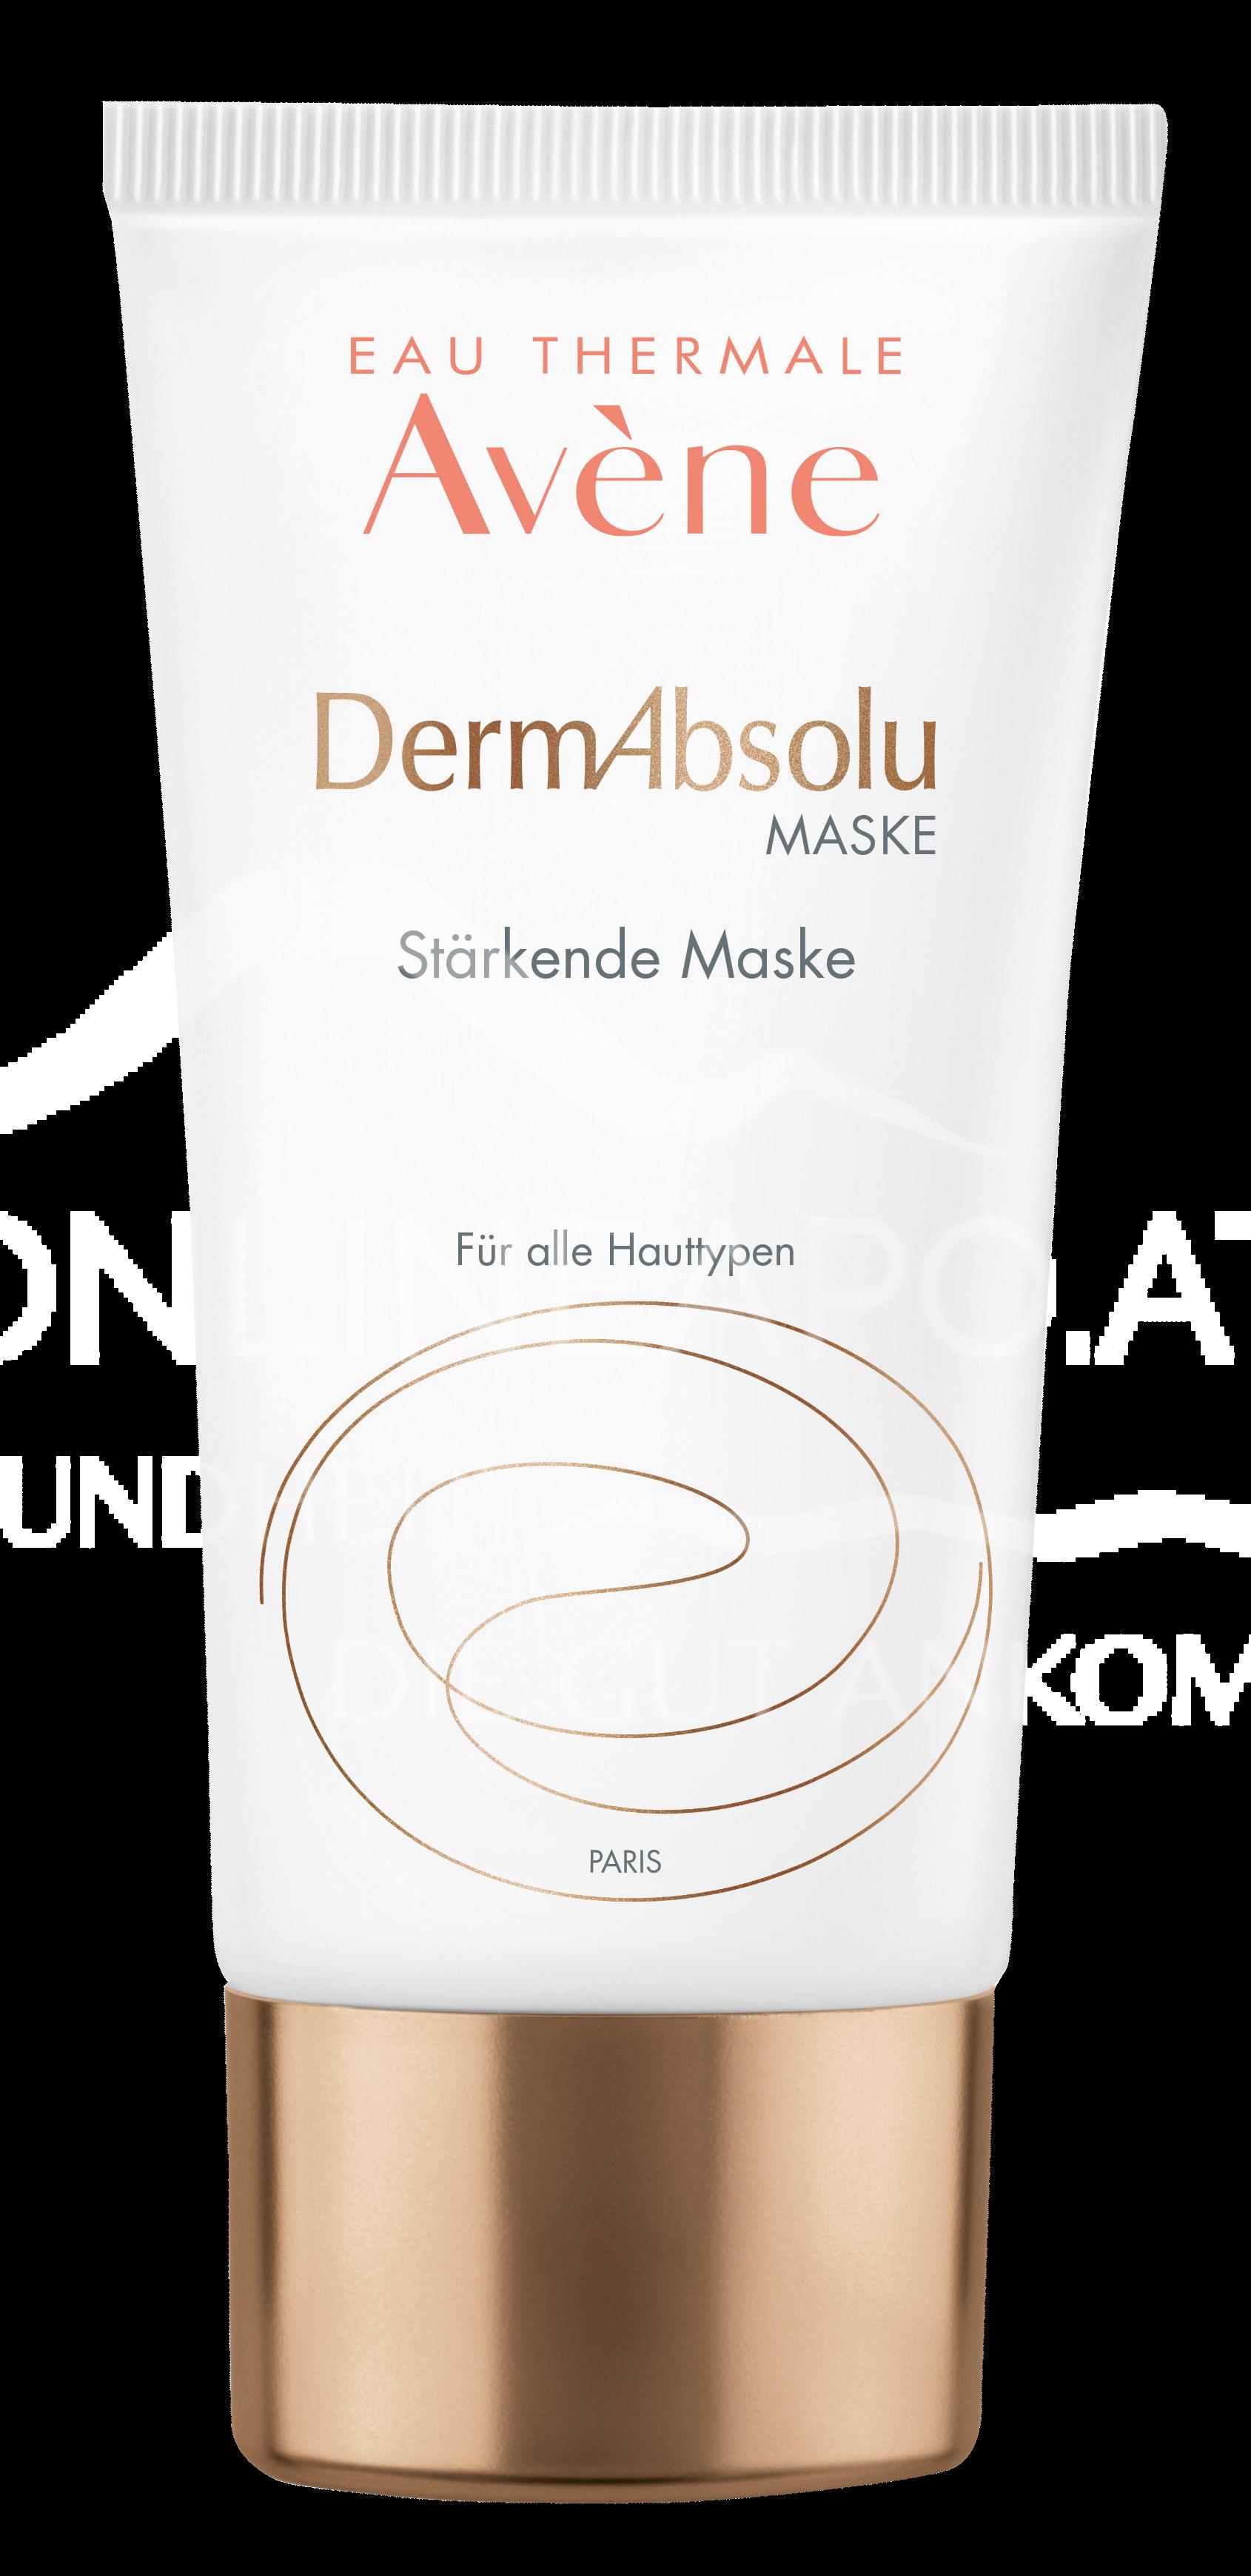 Avène DermAbsolu Stärkende Maske